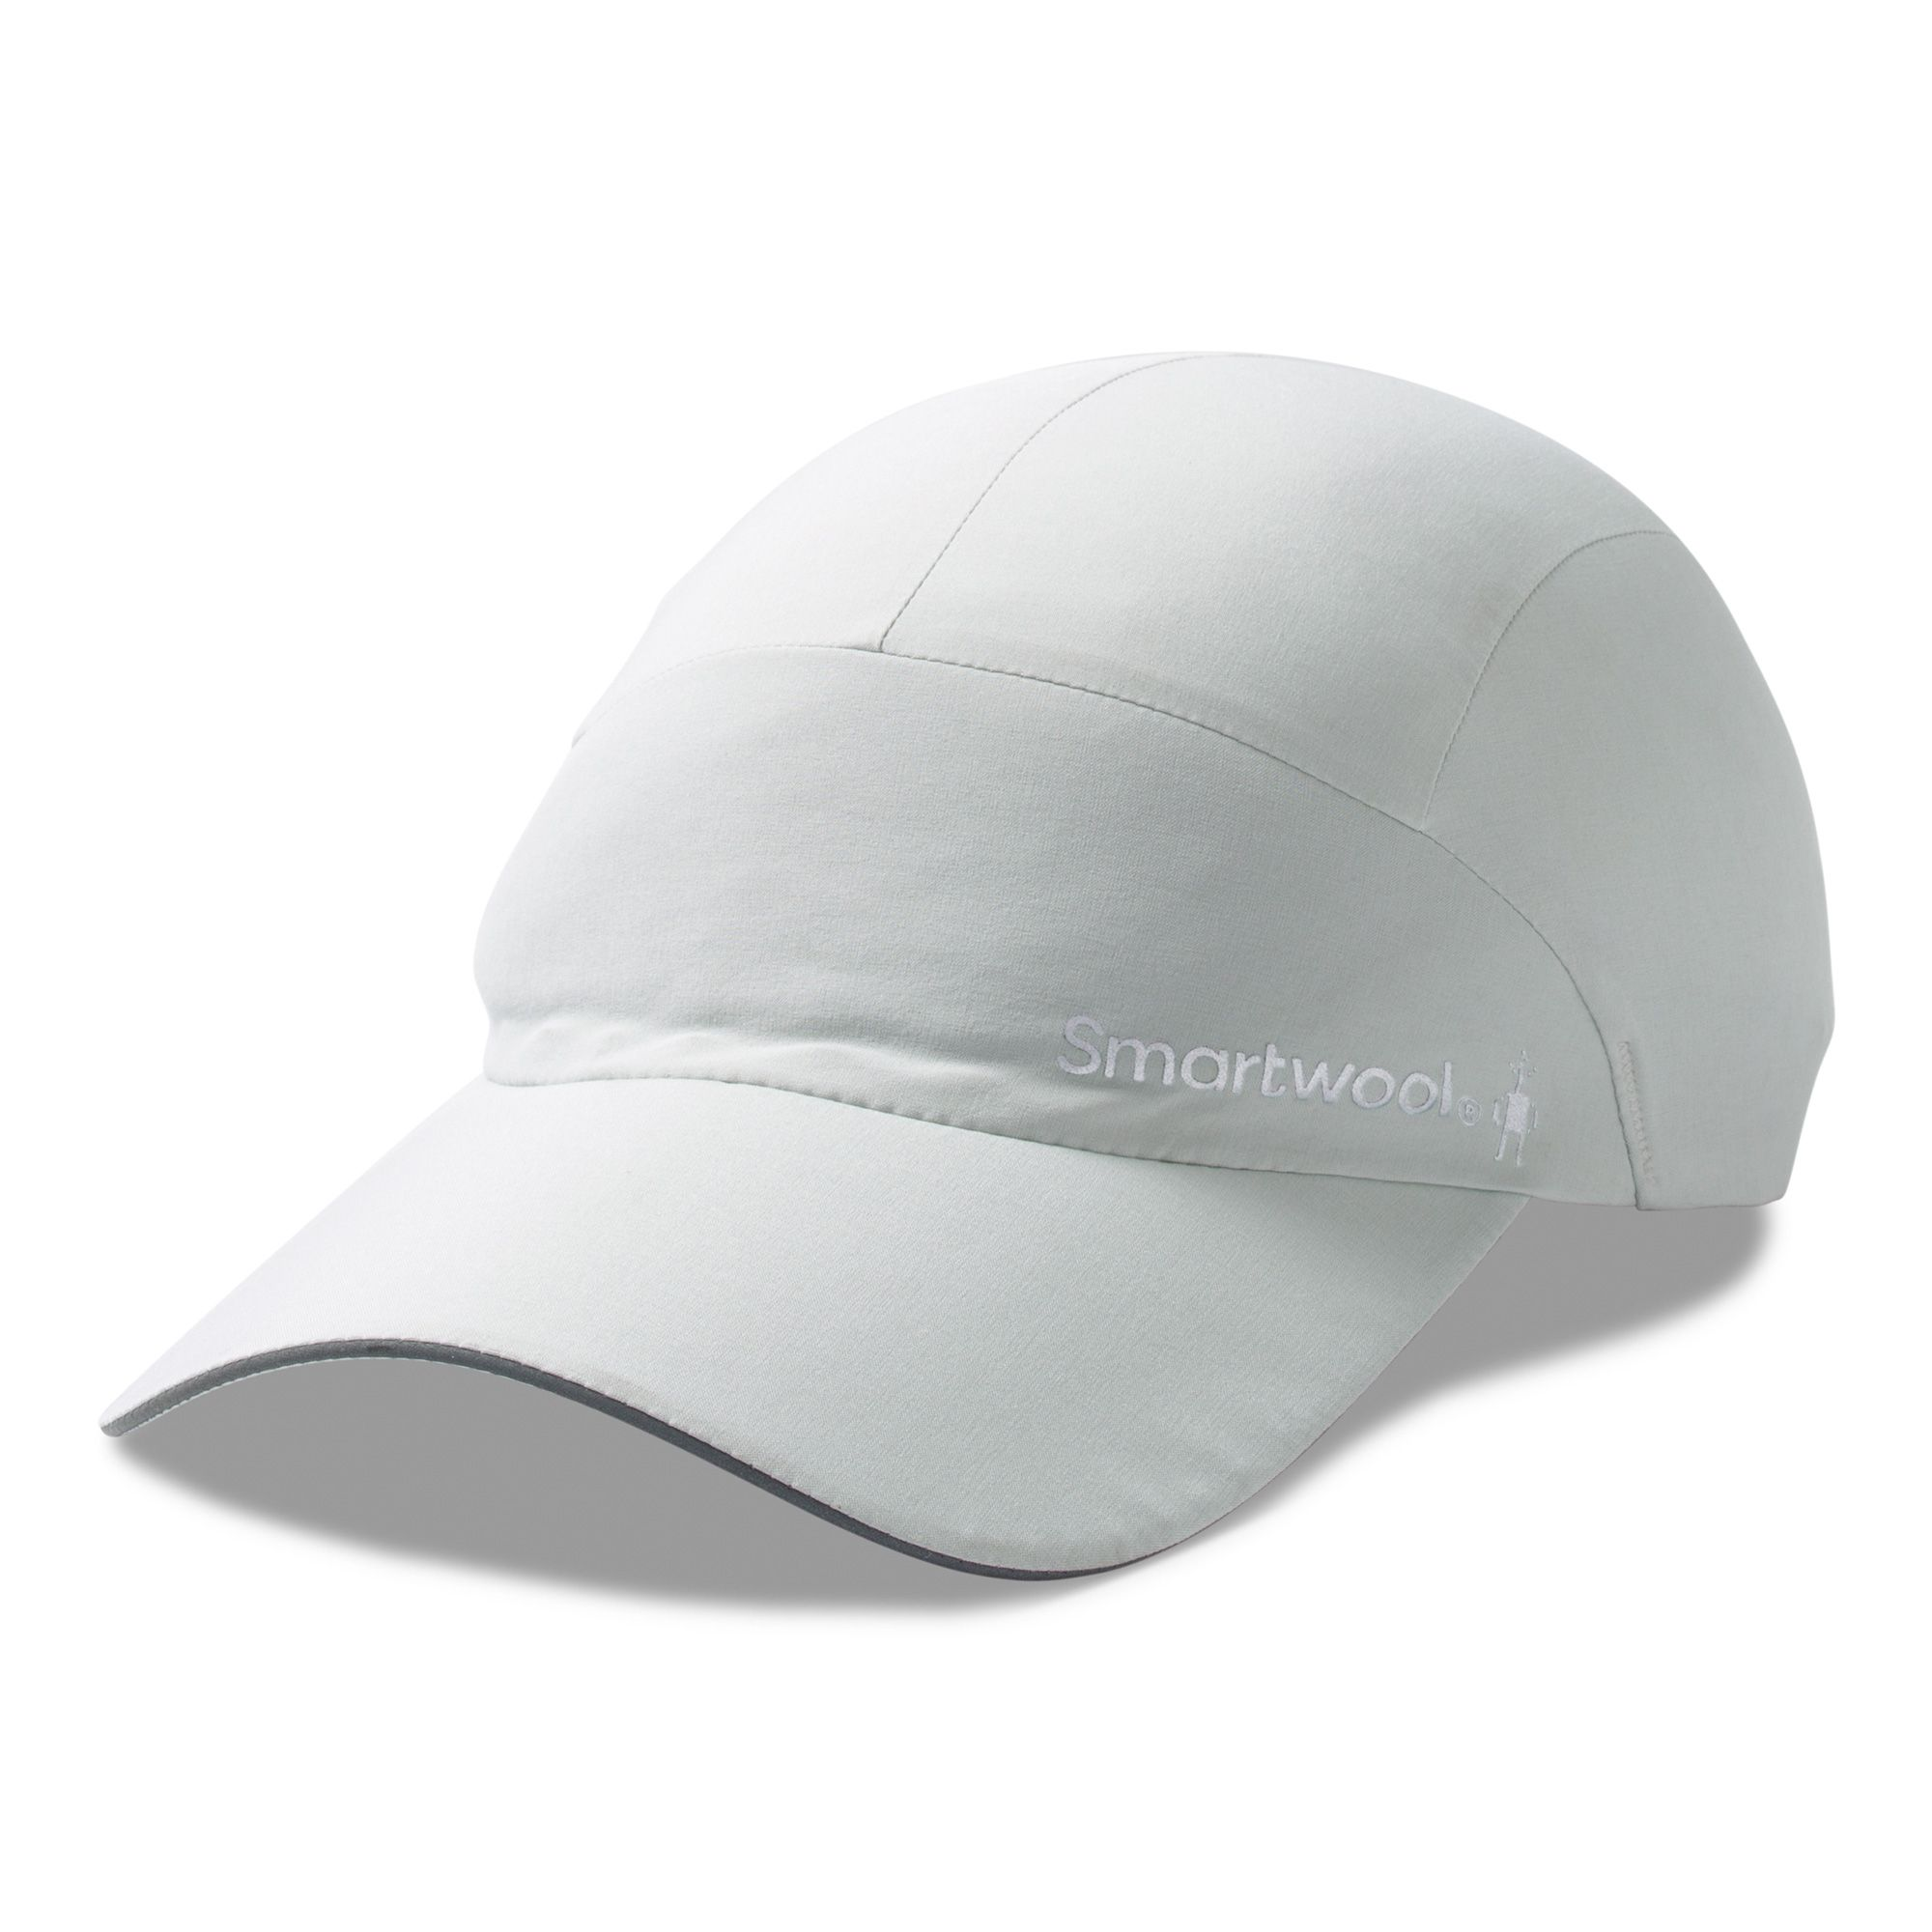 Go Far, Feel Good Runner's Cap